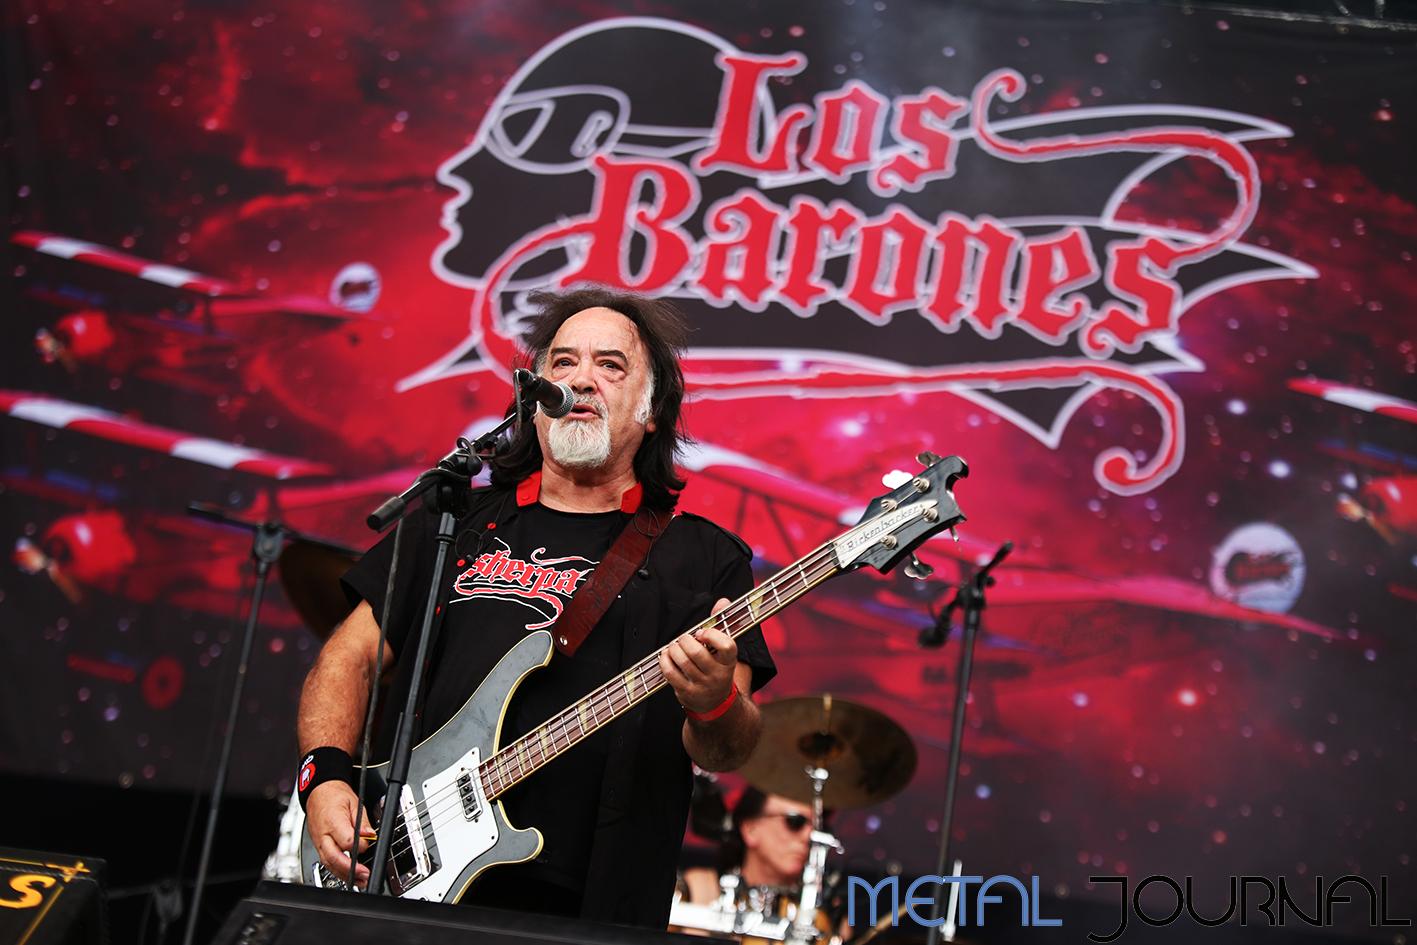 los barones - leyendas del rock 2019 metal journal pic 6